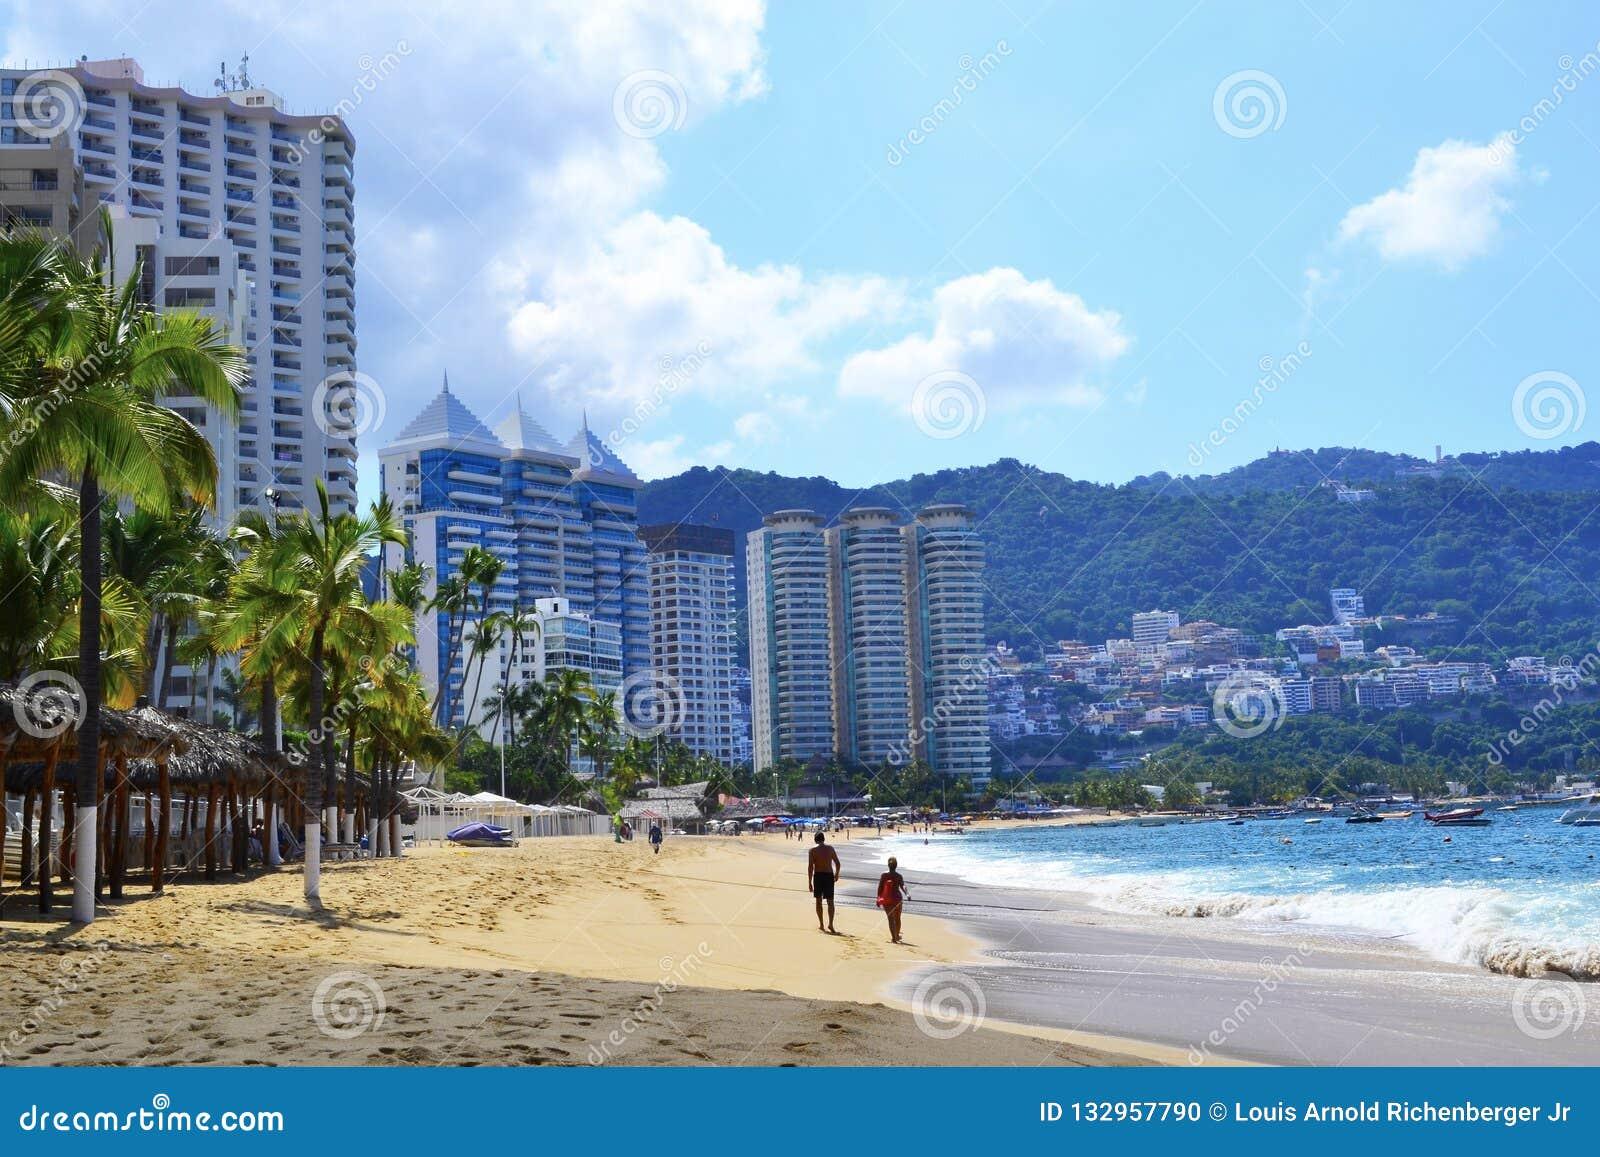 Playa en Acapulco con los turistas